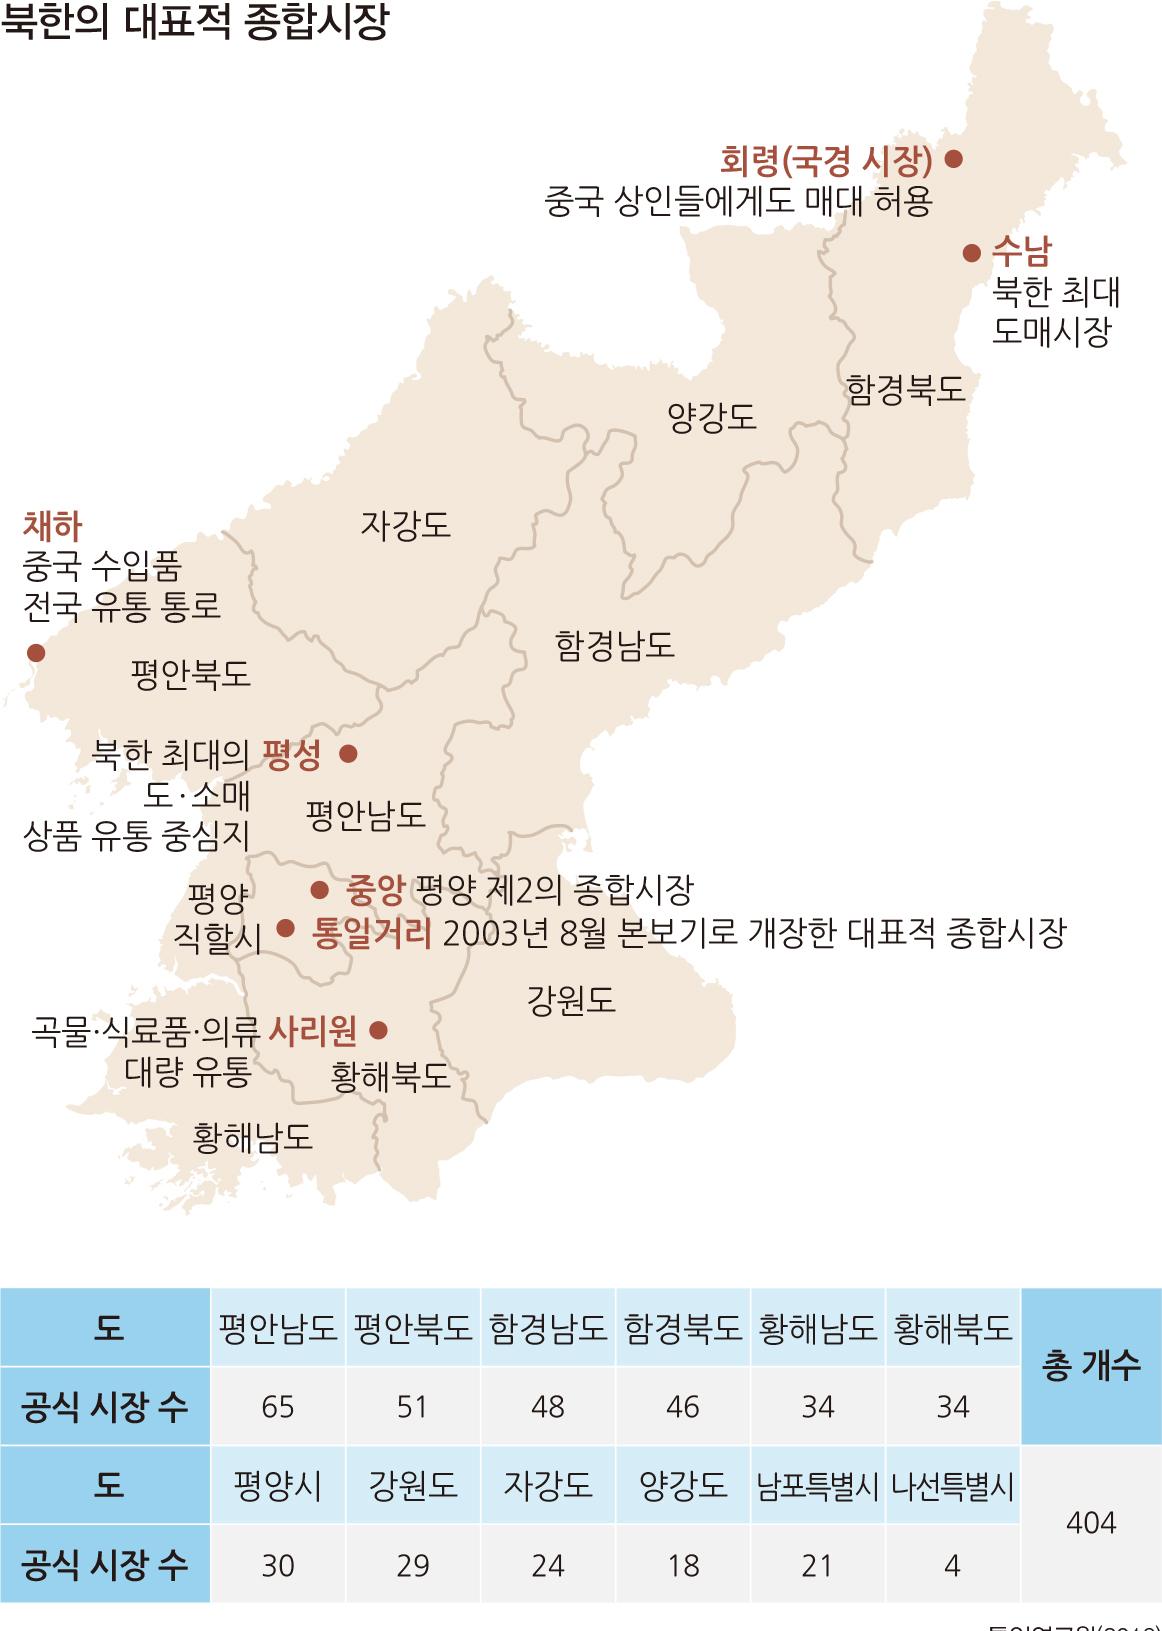 북한의 대표적 종합시장